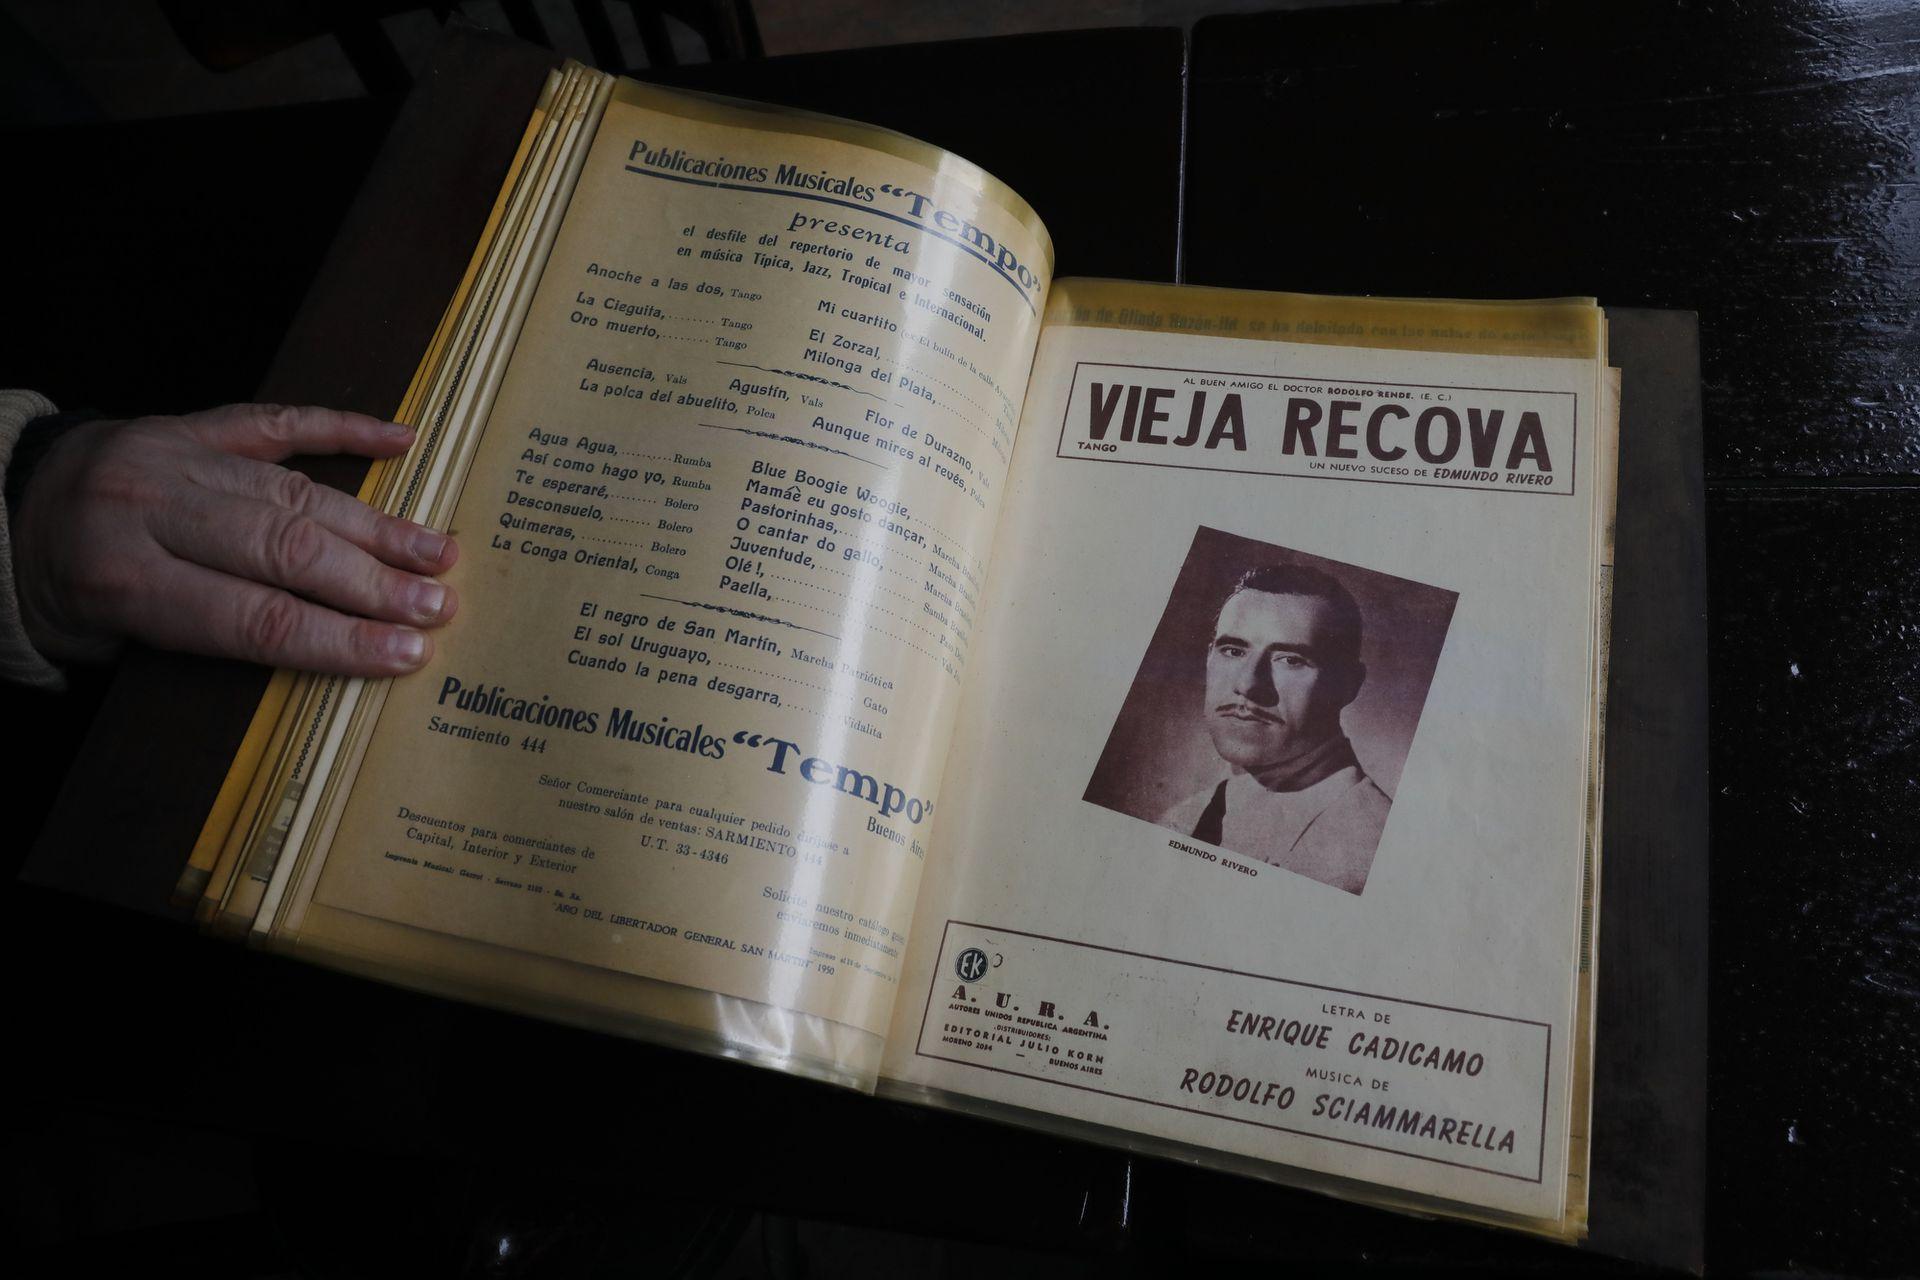 Enrique Cadícamo era habitué de Los Laureles, el centenario bar notable de Barracas